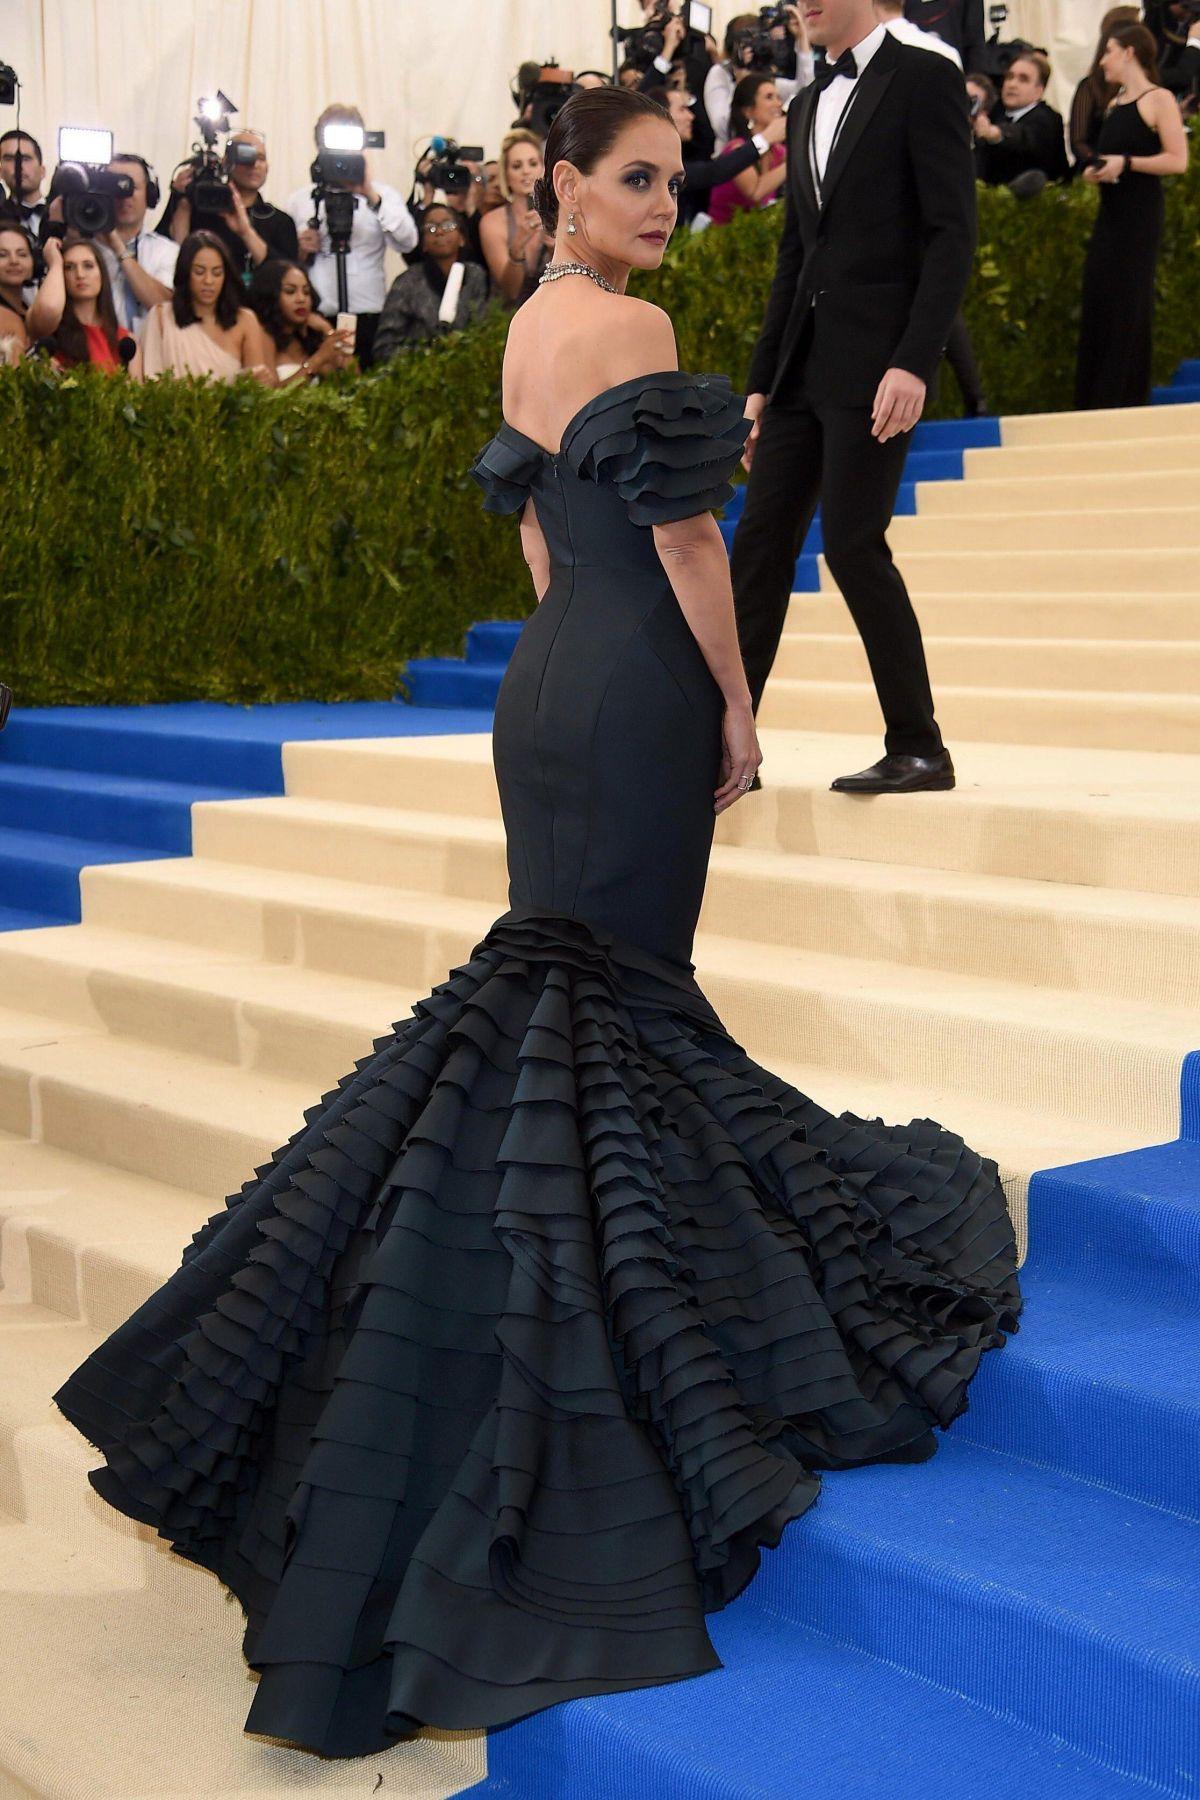 KATIE HOLMES at 2017 MET Gala in New York 05/01/2017 ...